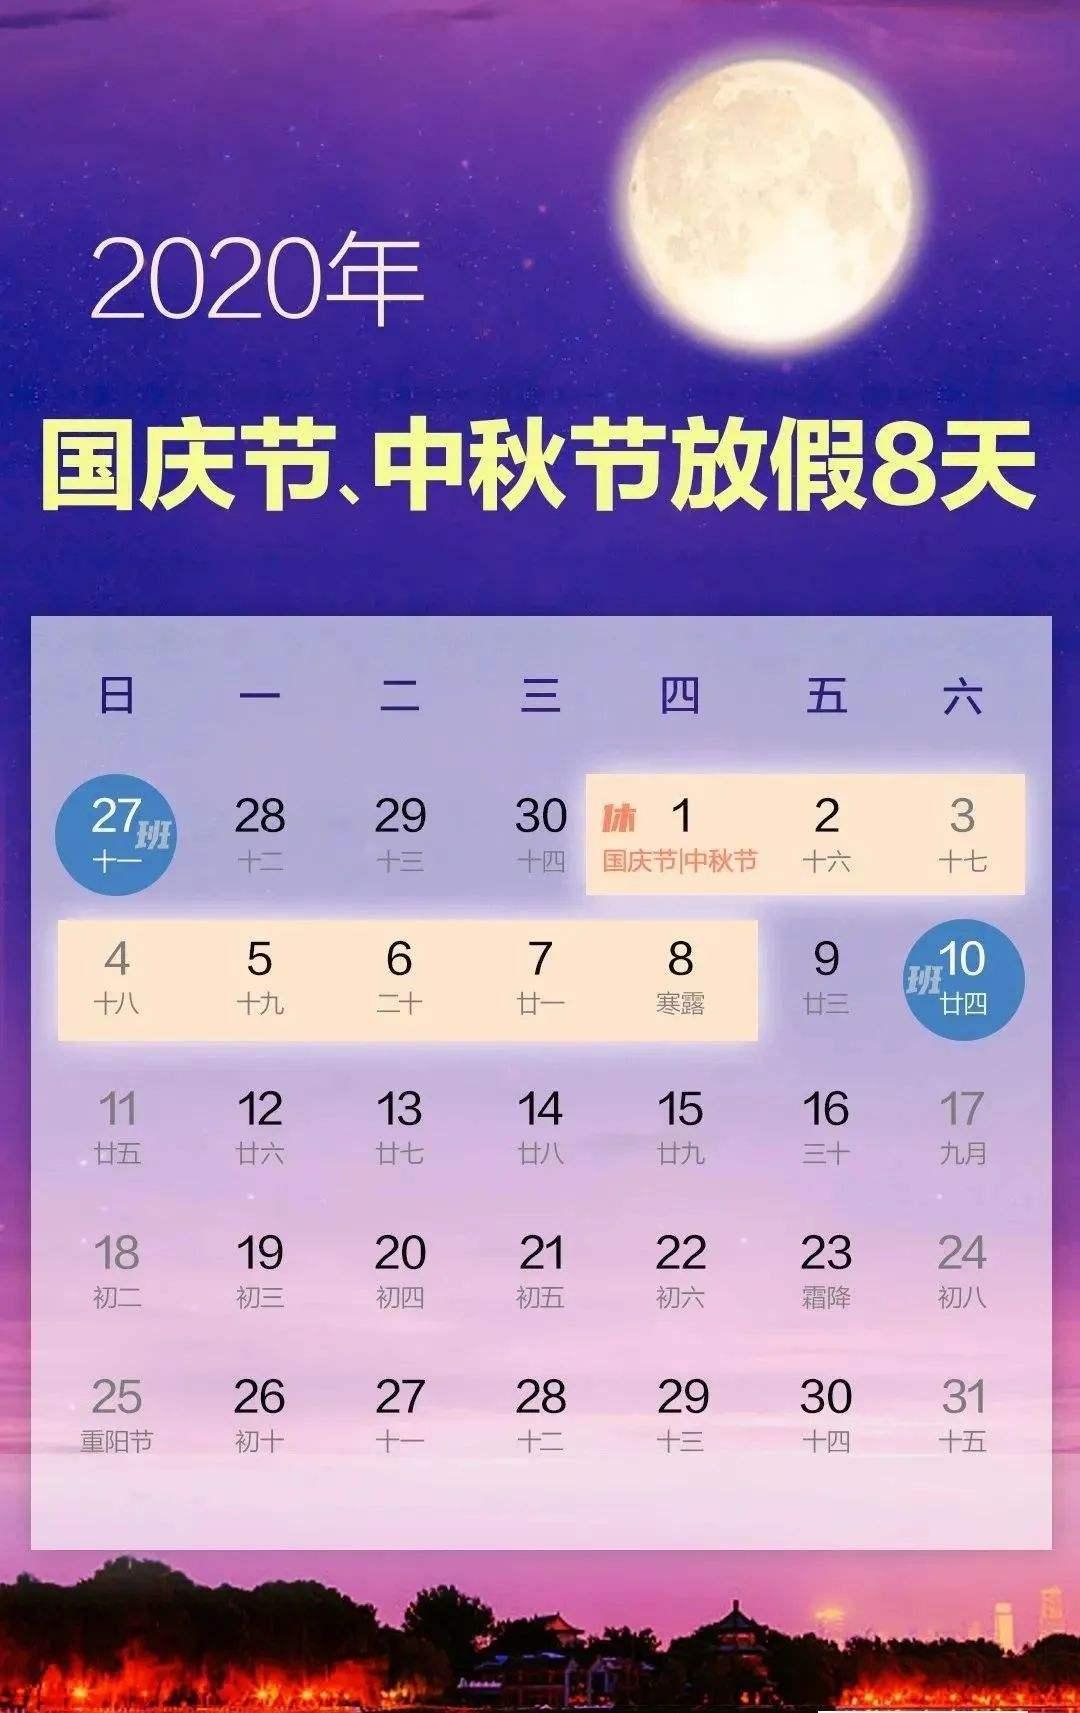 关于乾龙盛2020年国庆中秋假期安排的公告